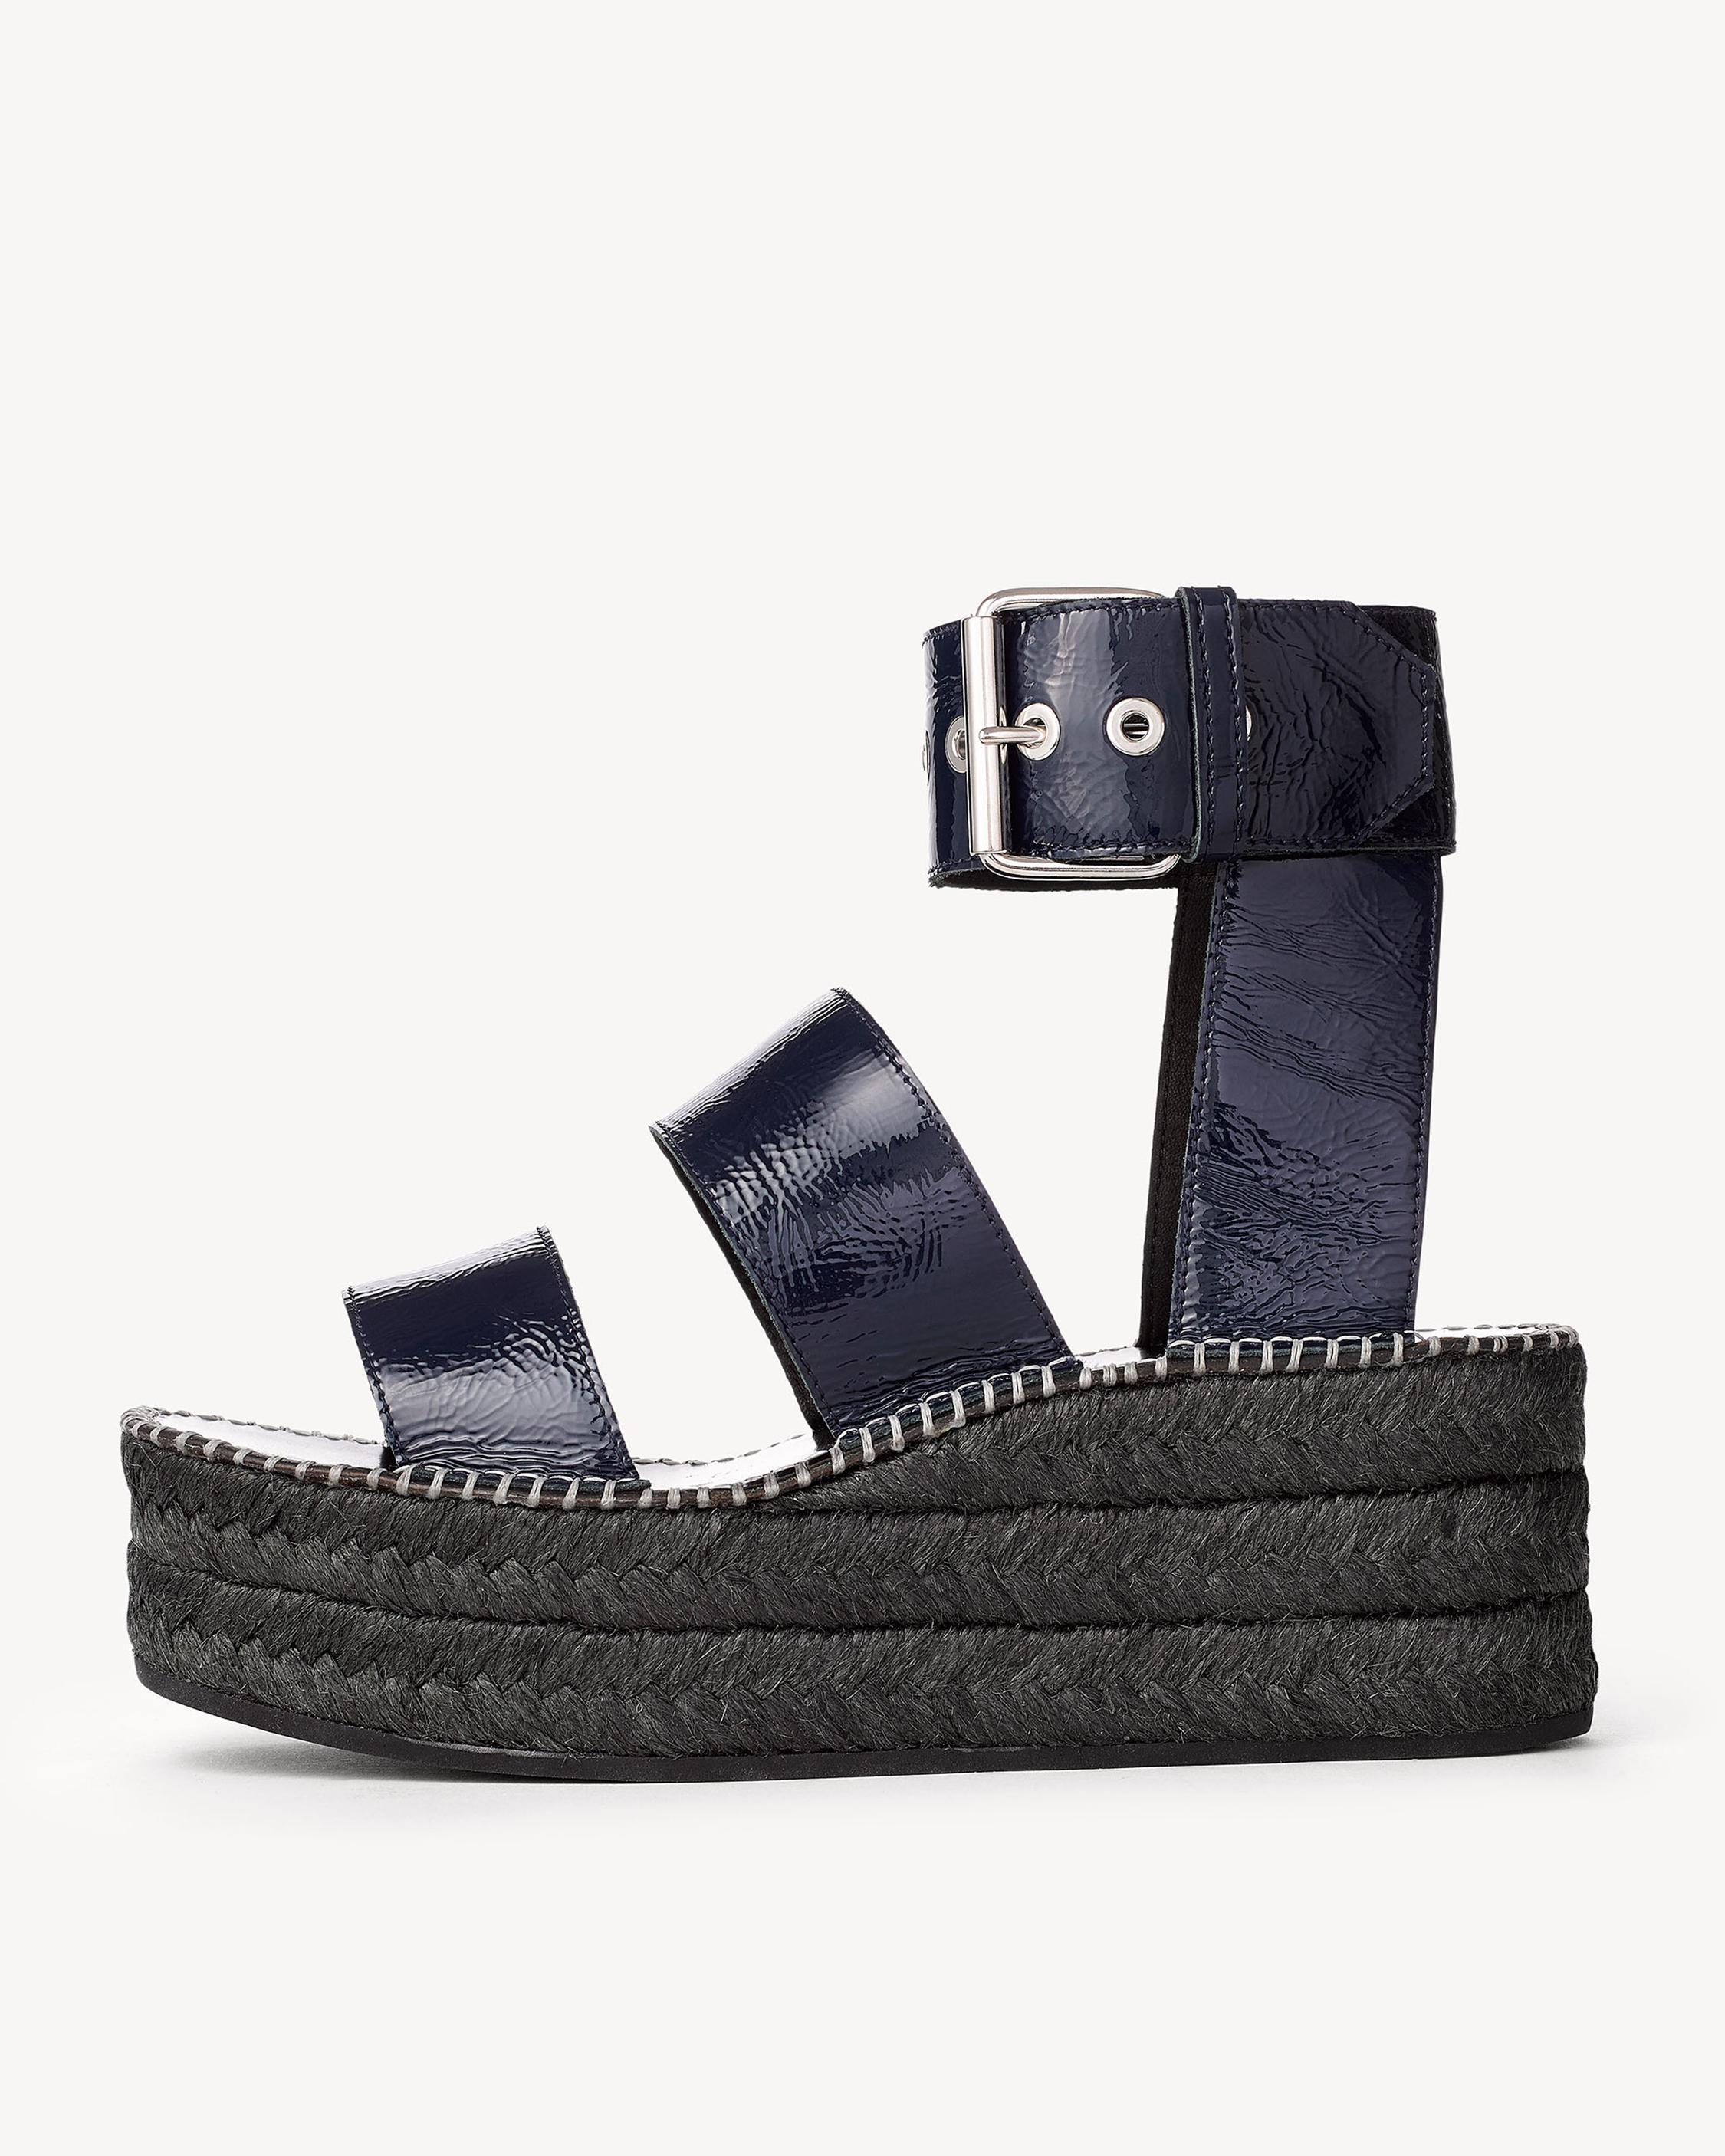 Shoes n sandals online - Tara Navy